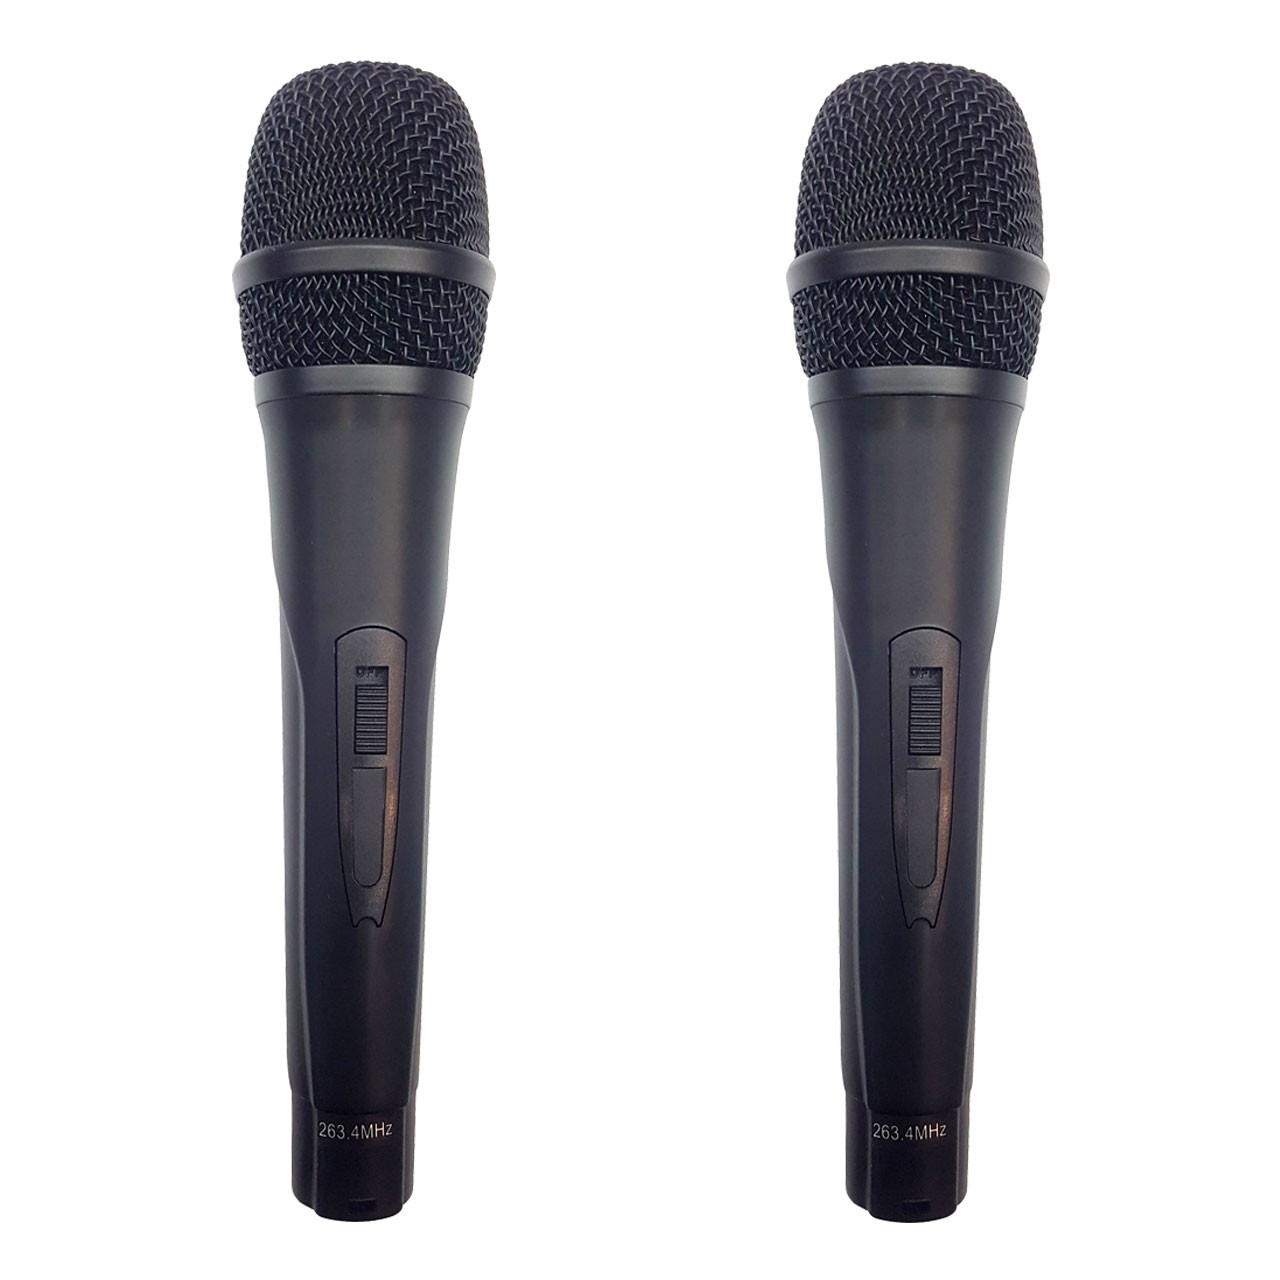 میکروفون بی سیم و کارت صدای حرفه ای Maizuan K2